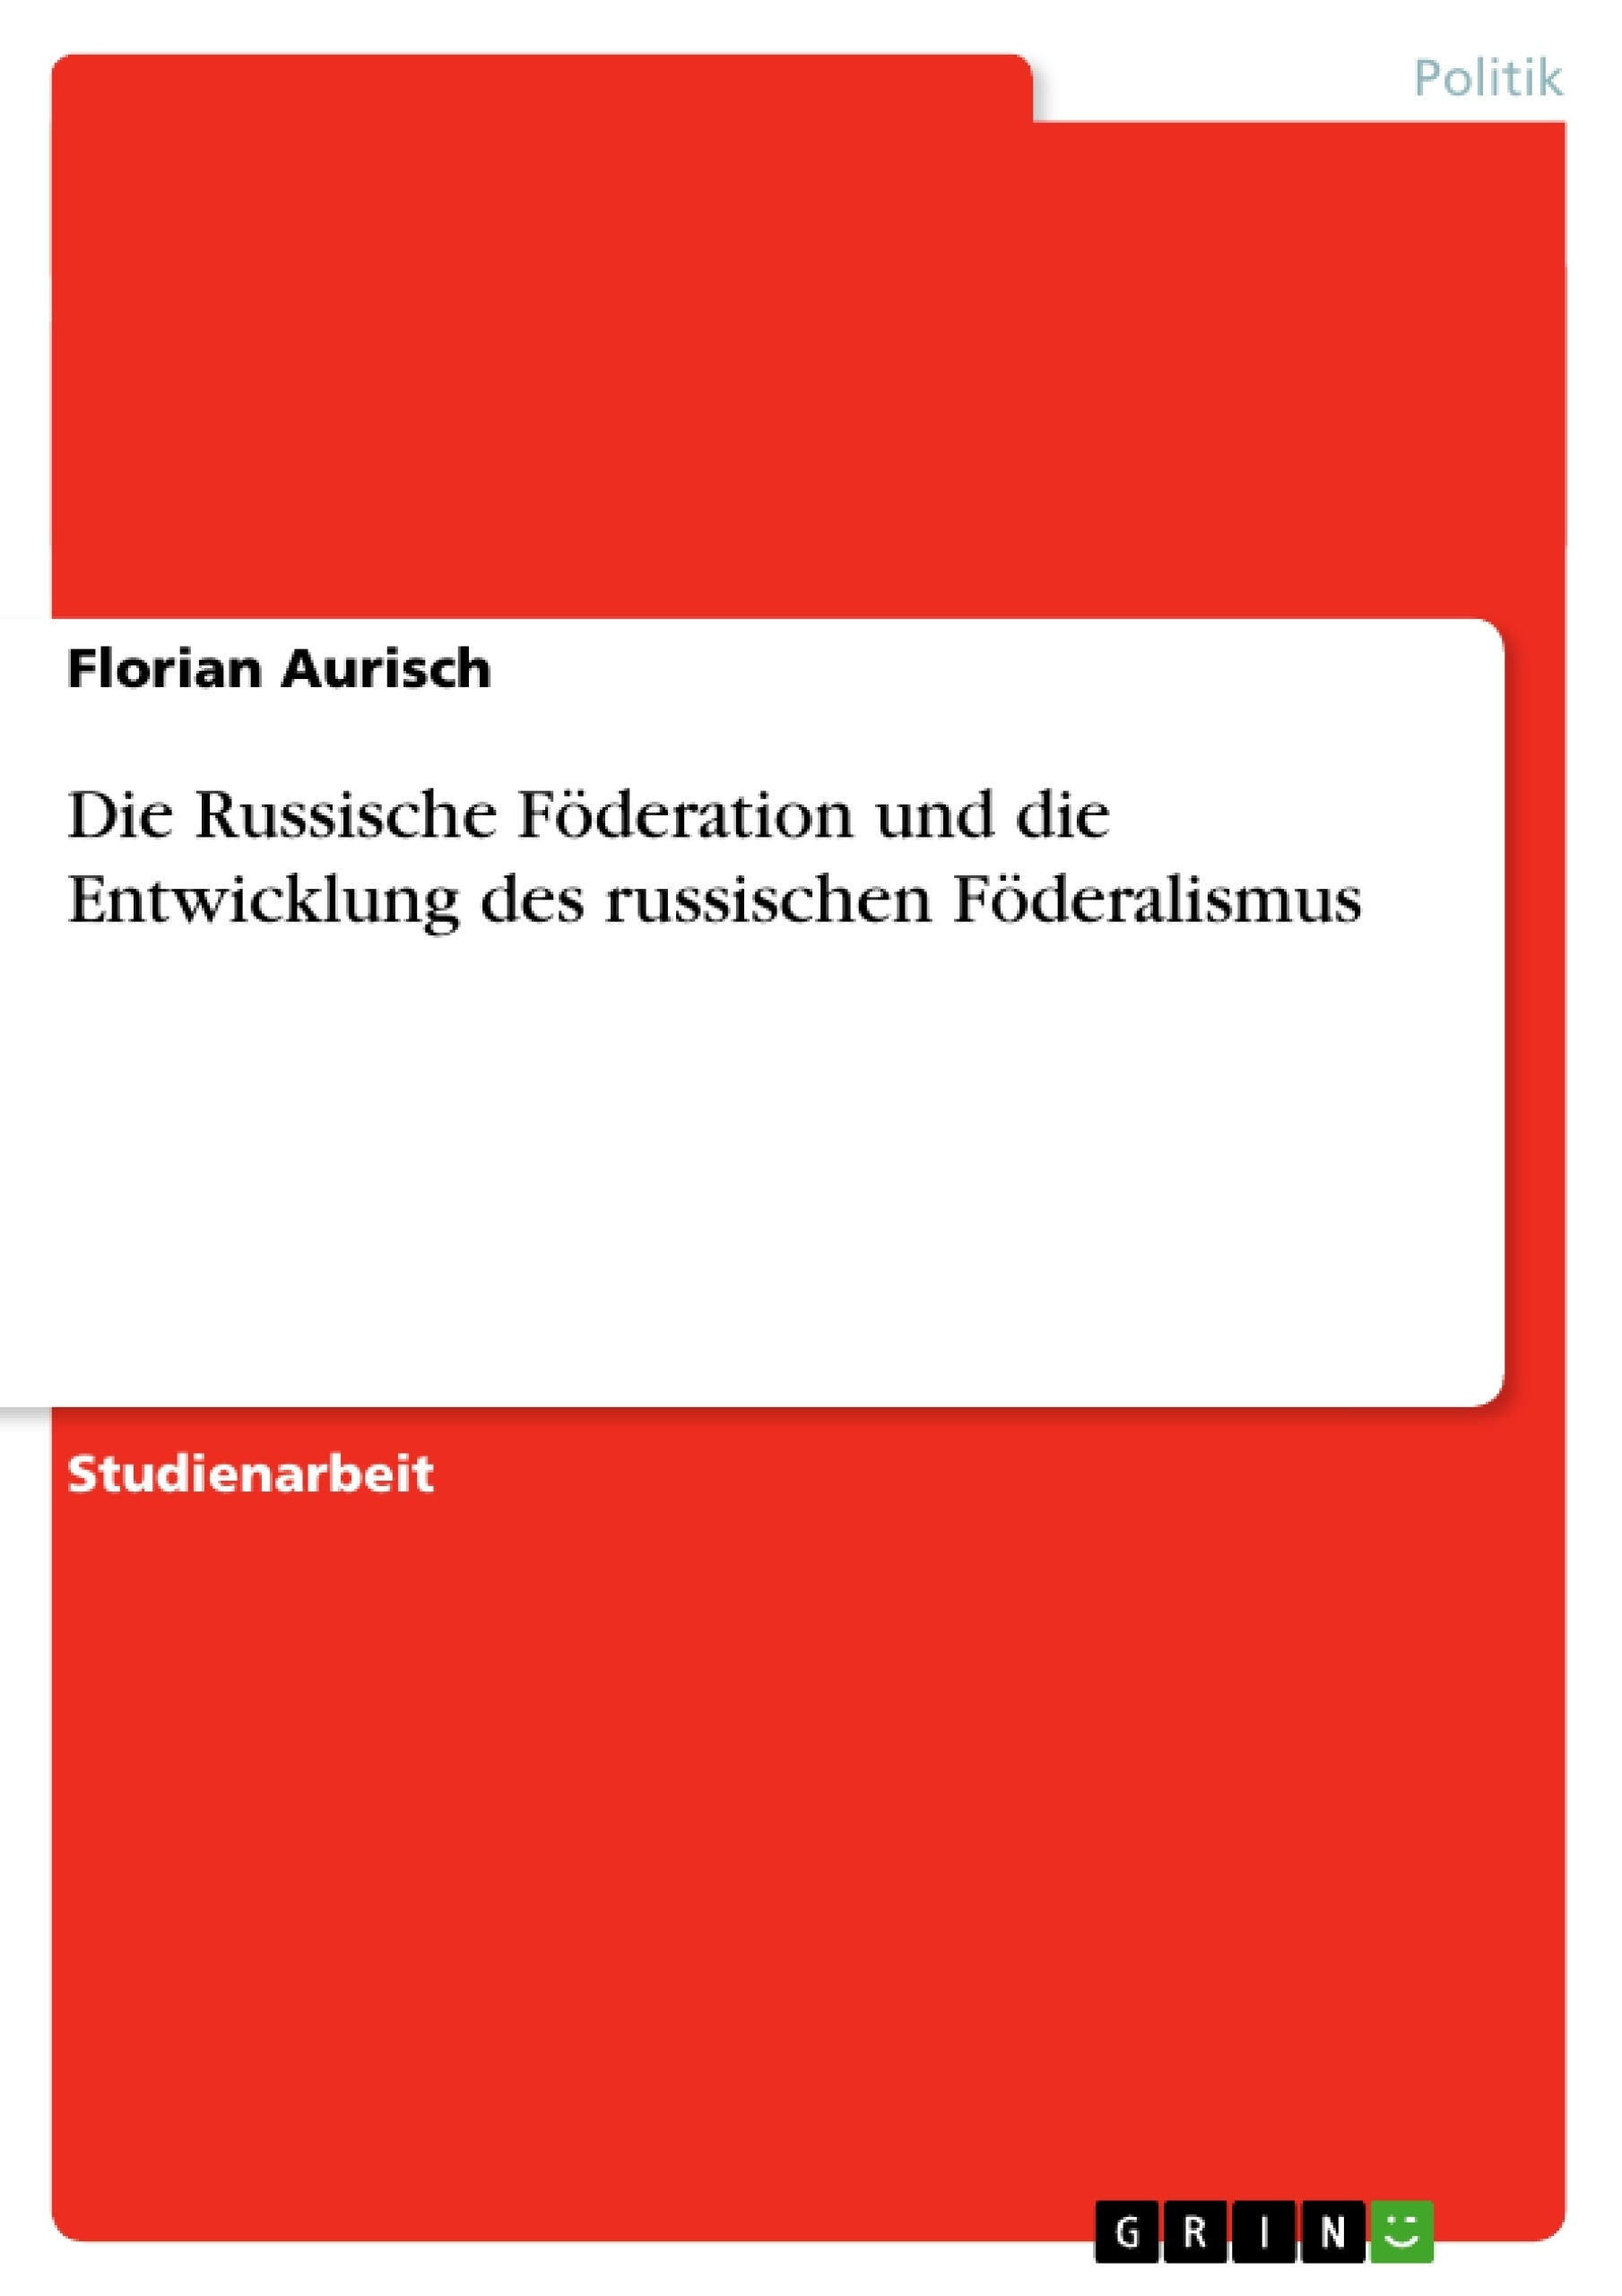 Titel: Die Russische Föderation und die Entwicklung des russischen Föderalismus